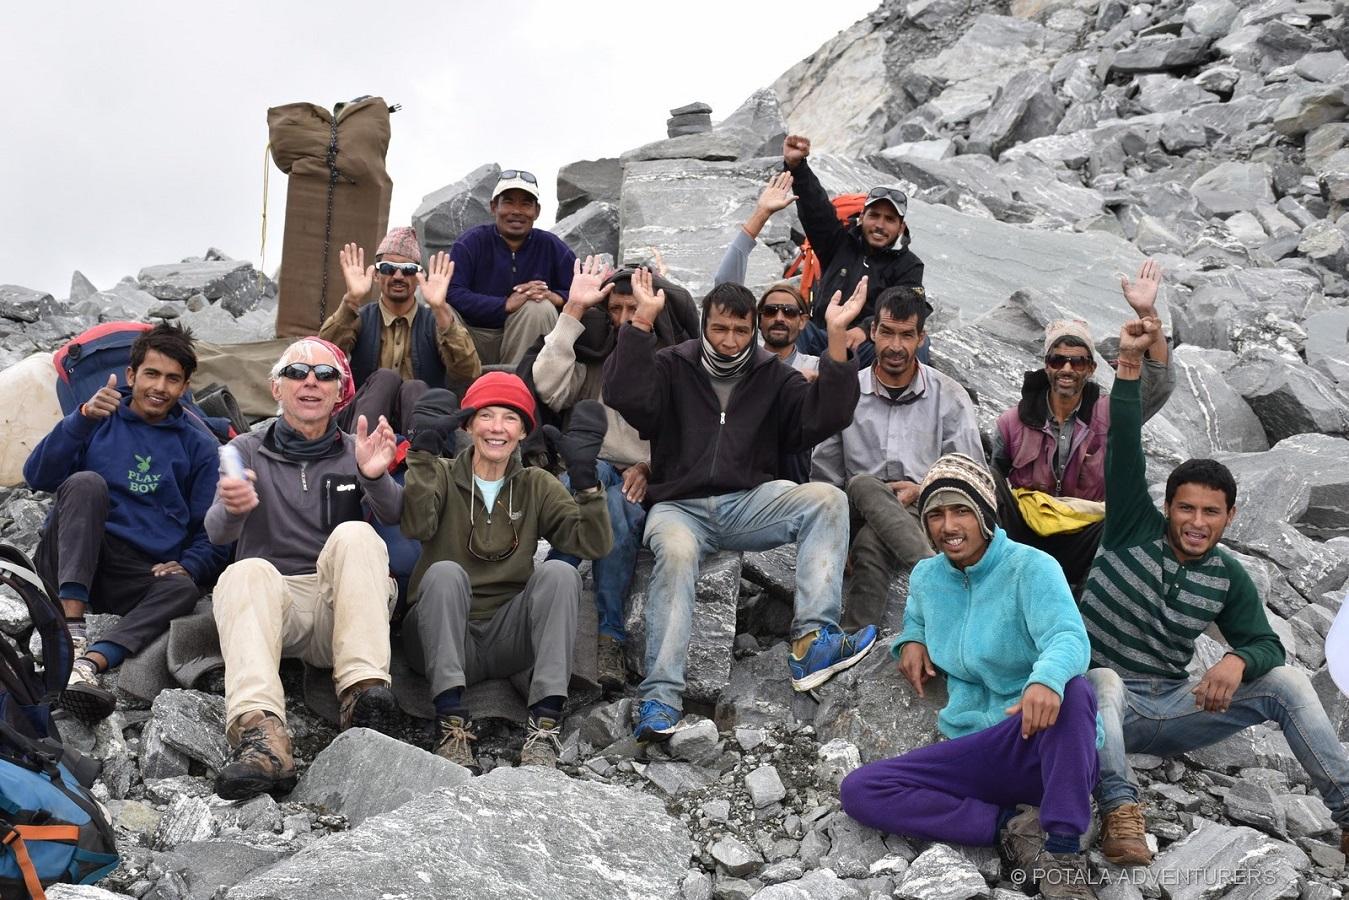 Trek from Kaza, Spiti to Kedarnath, Uttarakhand